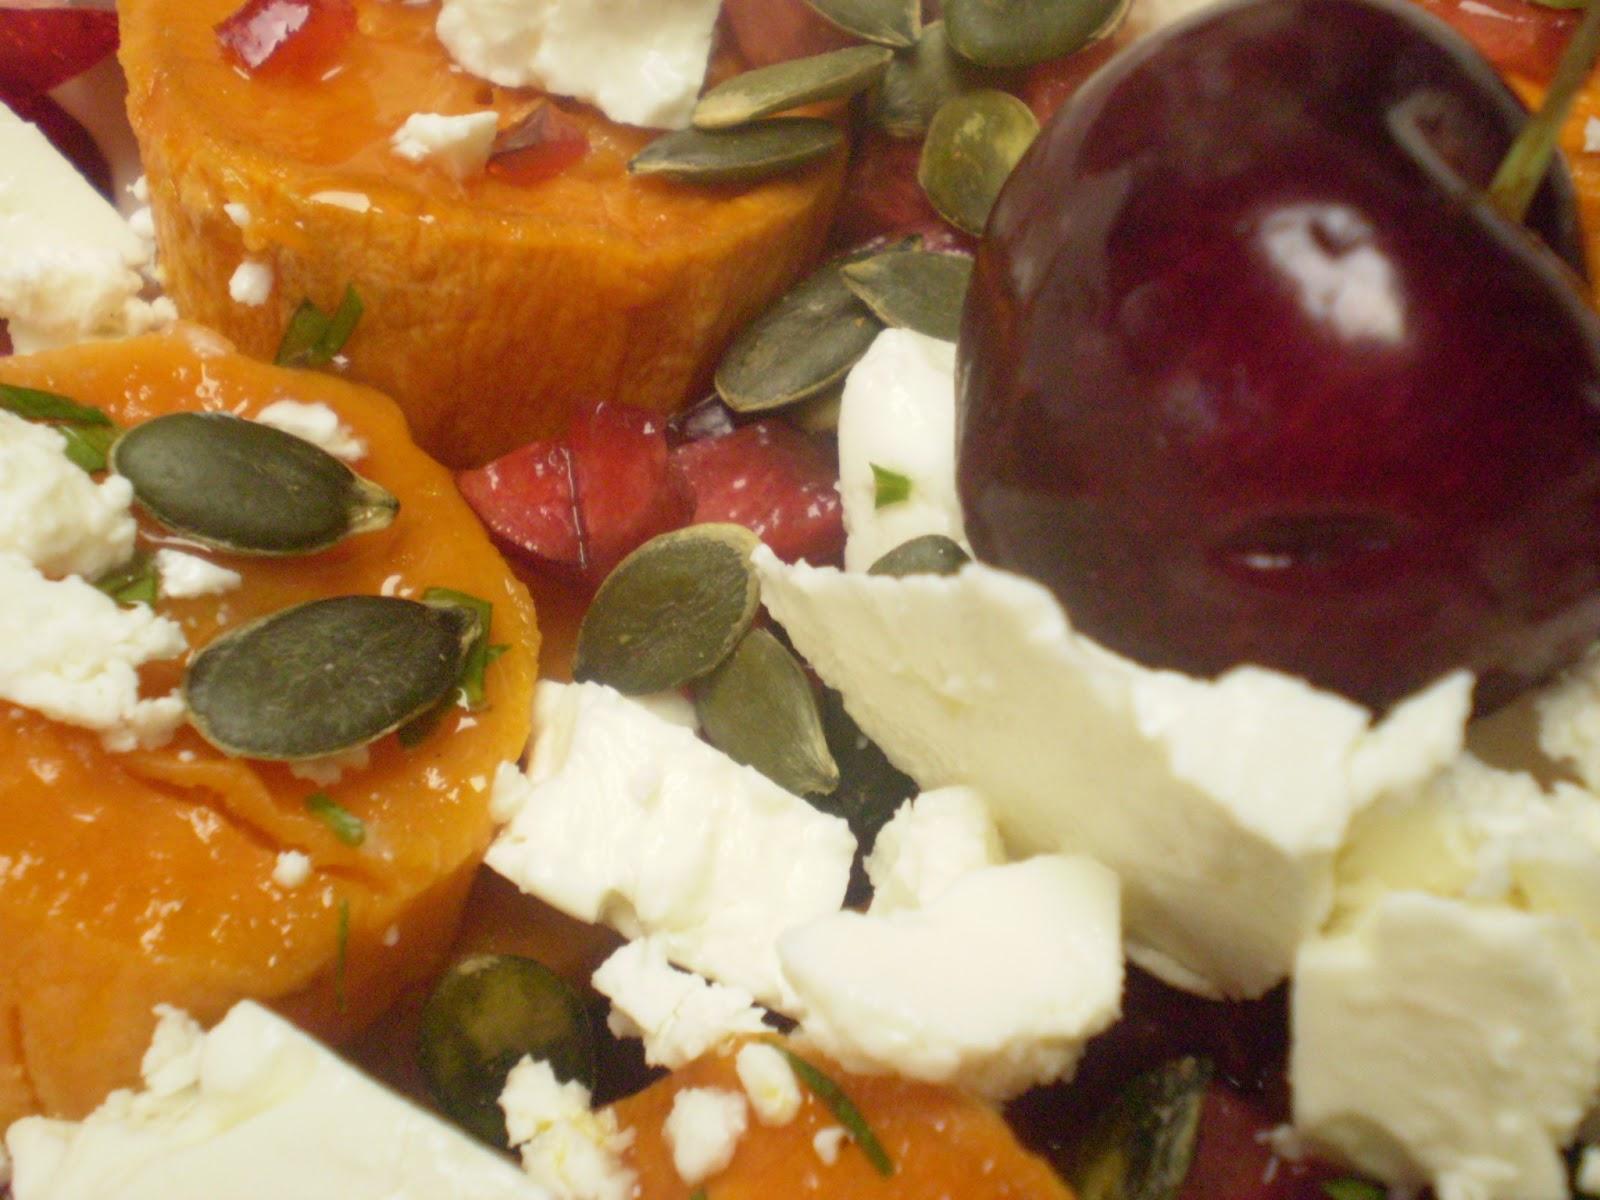 Salade de patates douces aux cerises de Candice